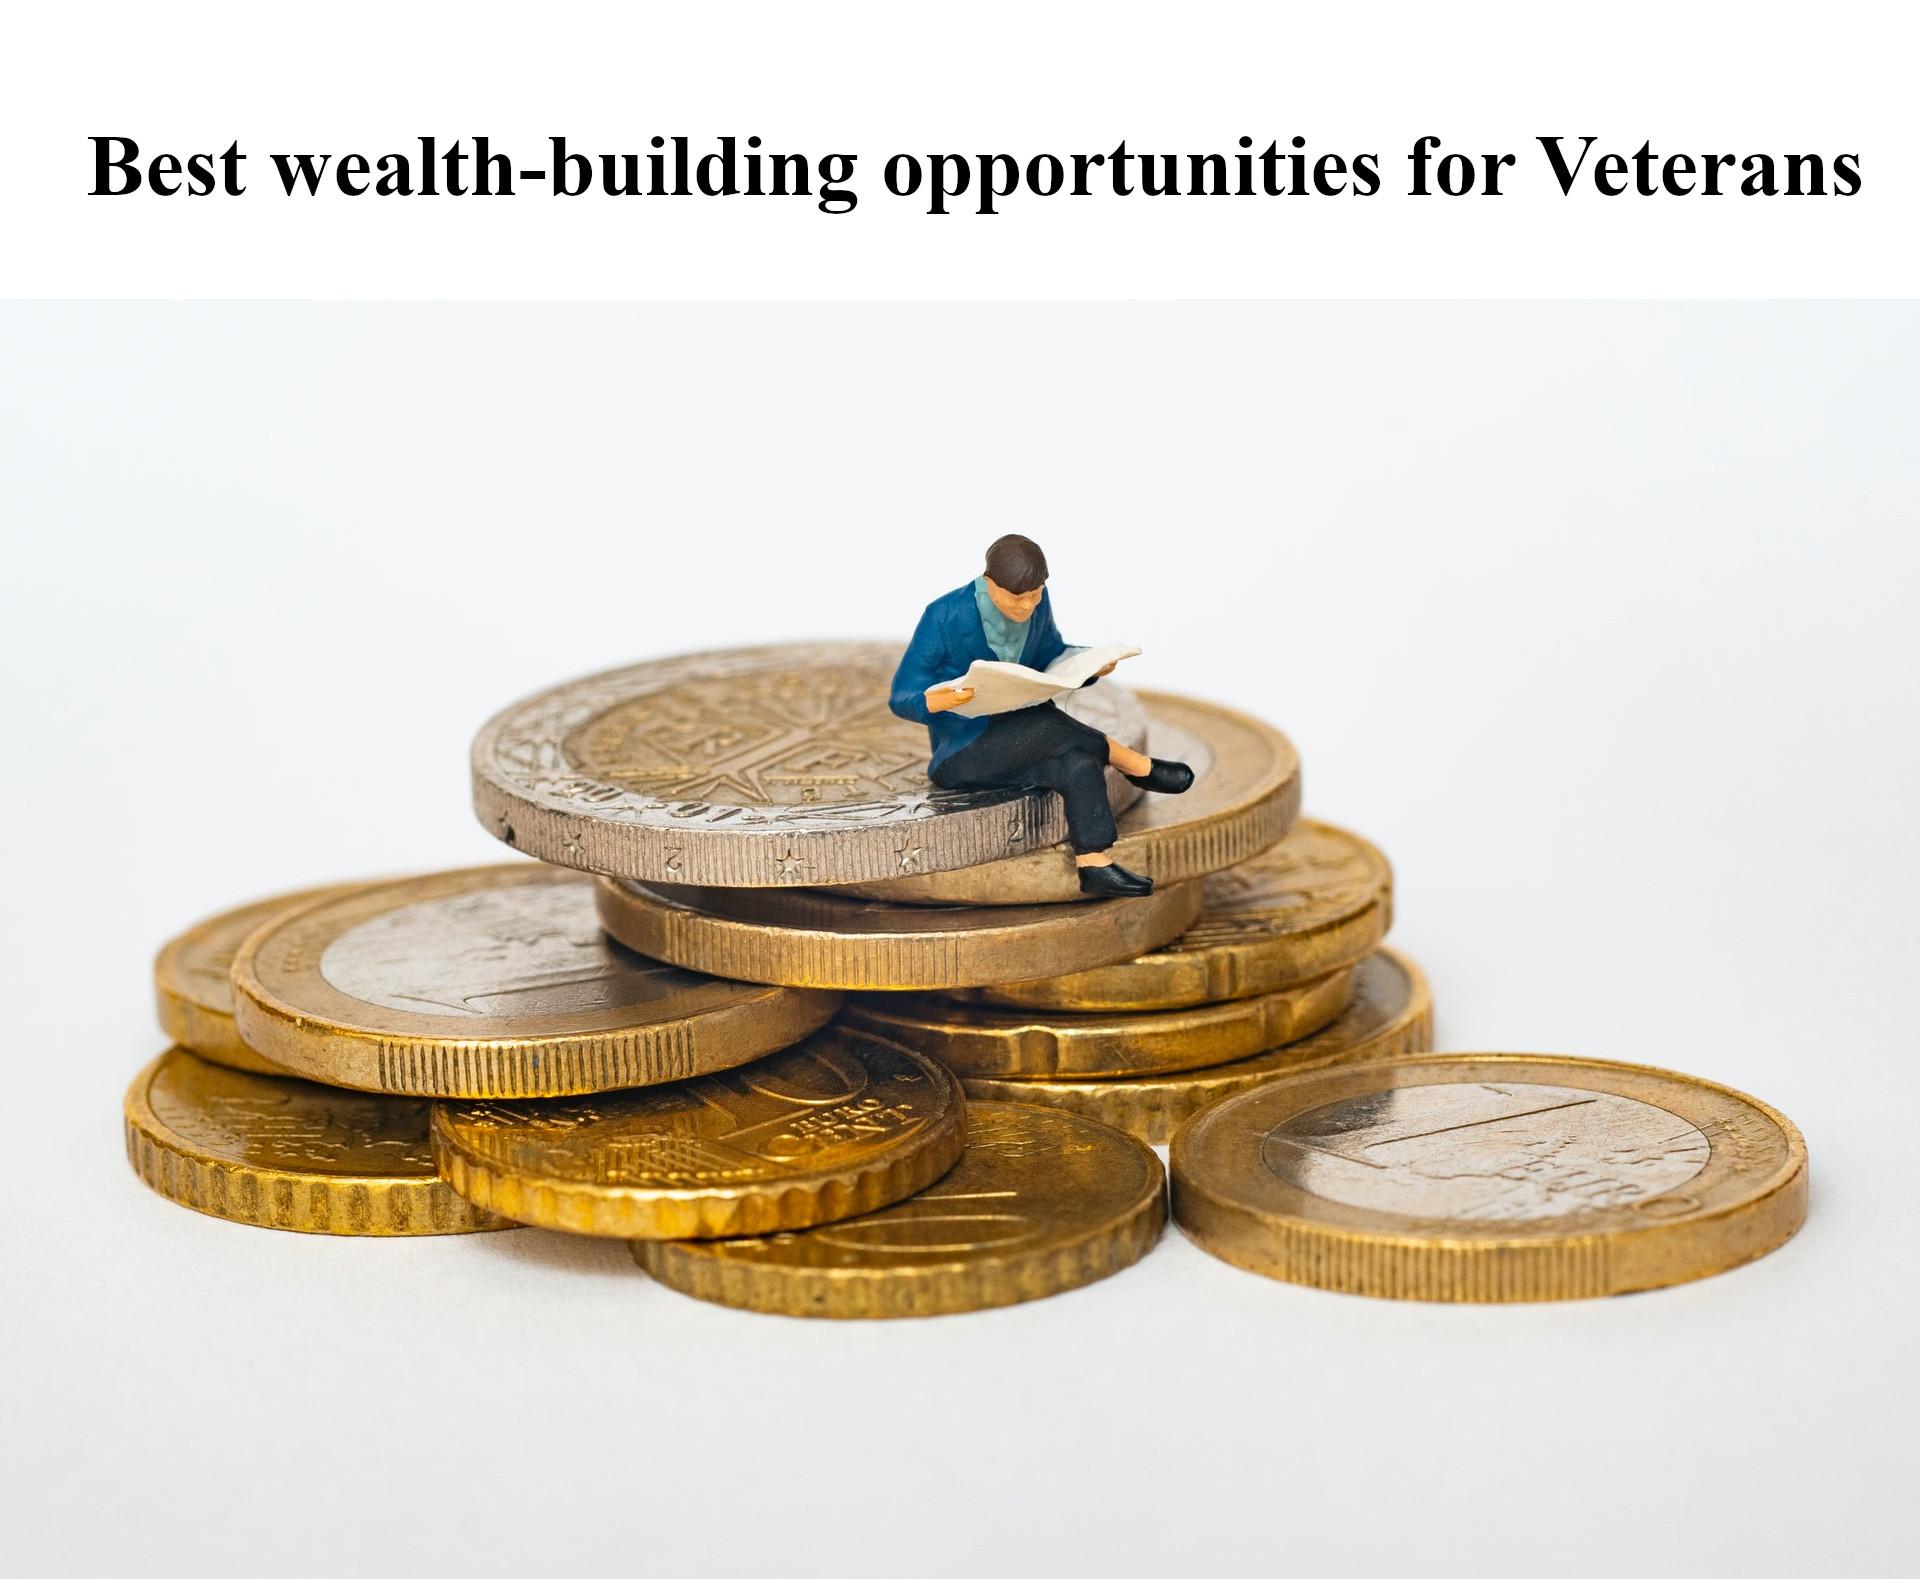 Best wealth-building opportunities for Veterans